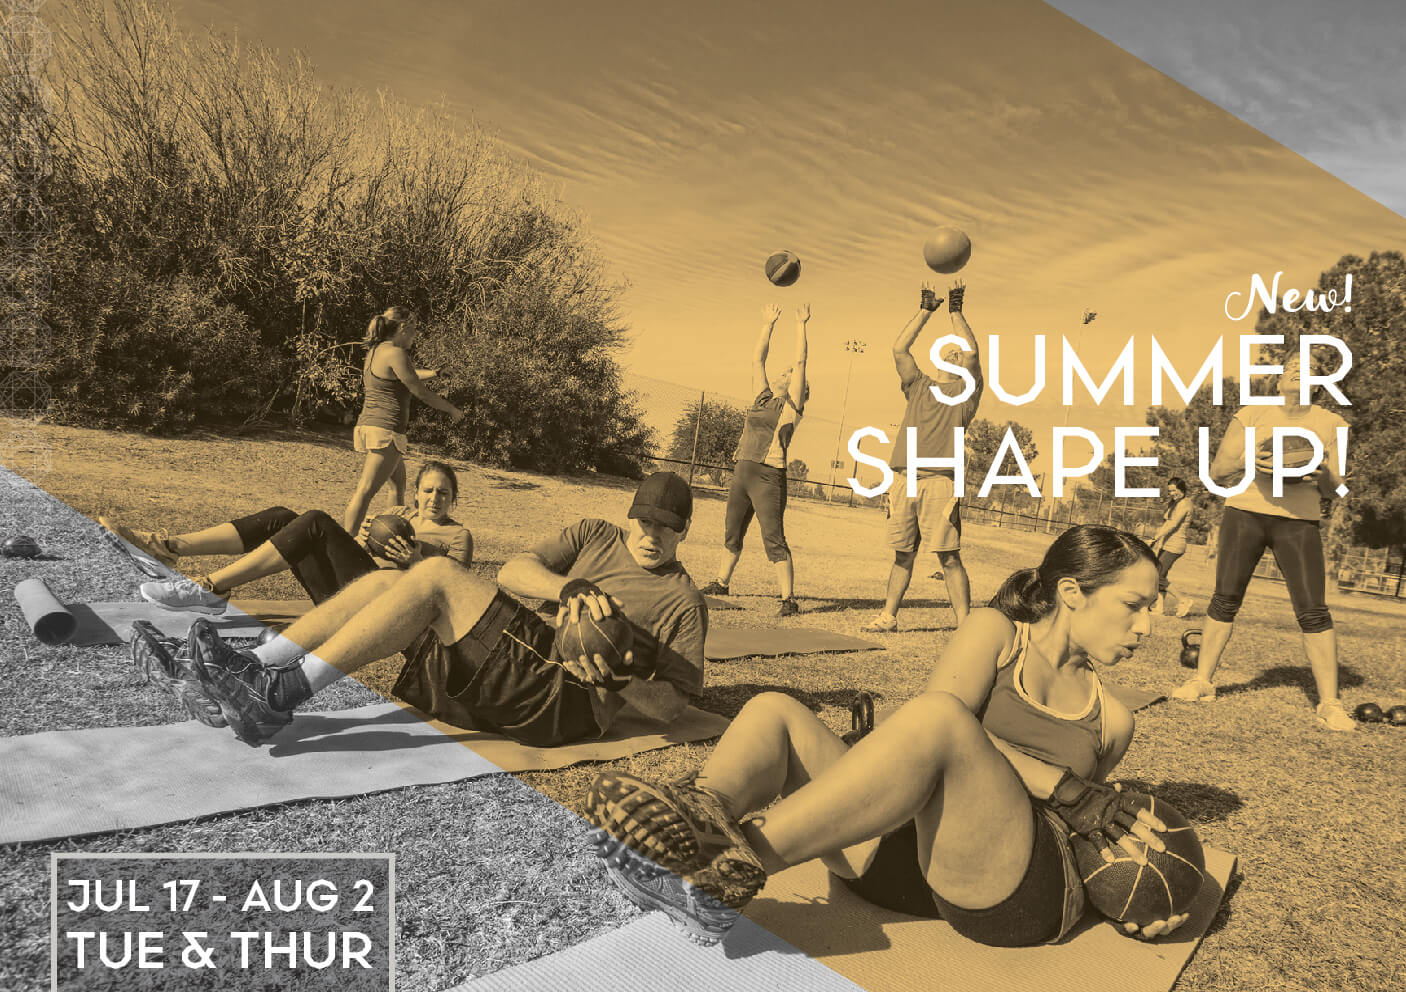 Summer Shape Up!